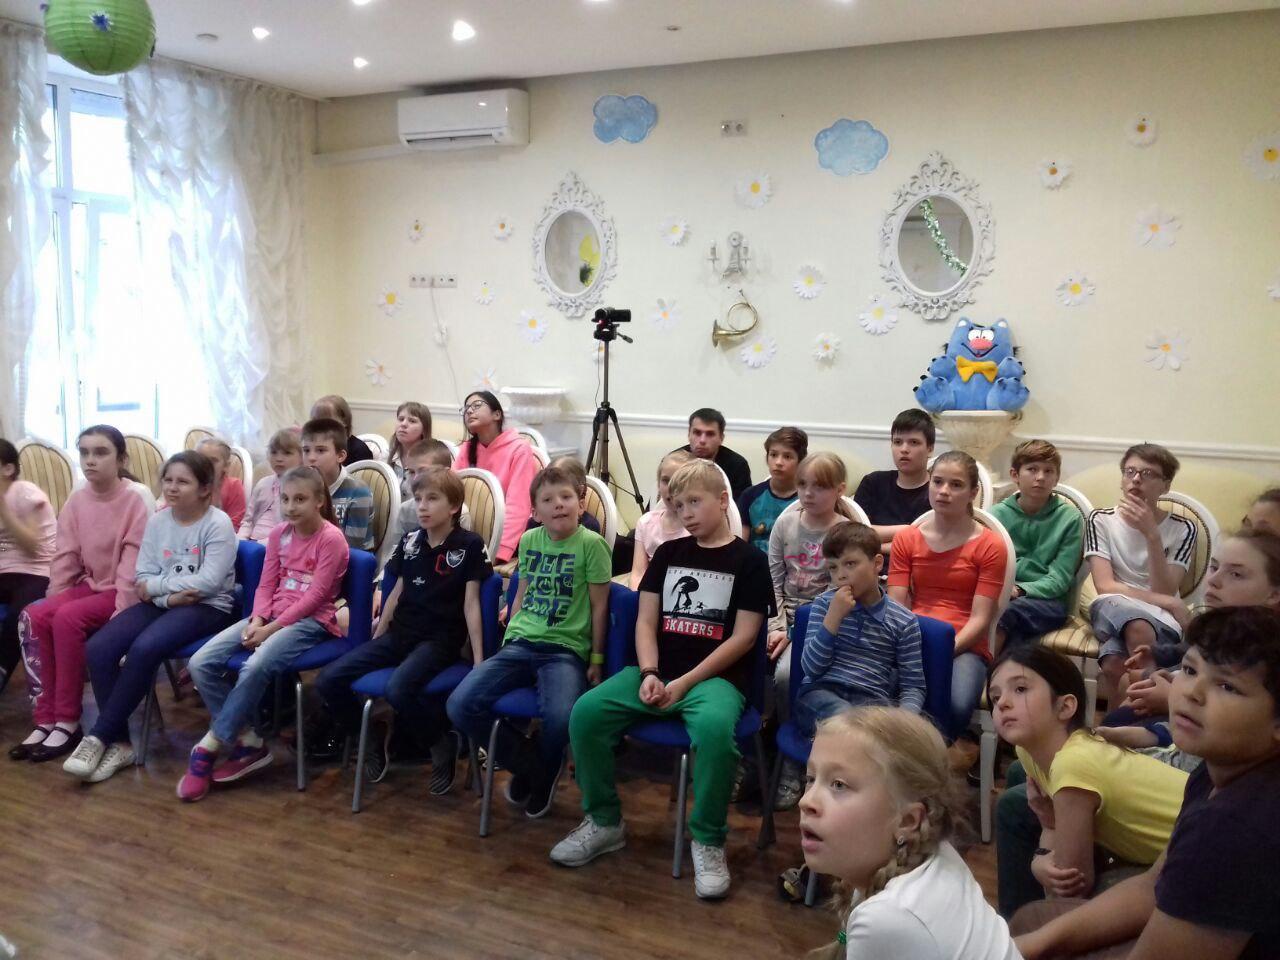 Представление ко Дню семьи, любви и верности дали для детей из Савеловского